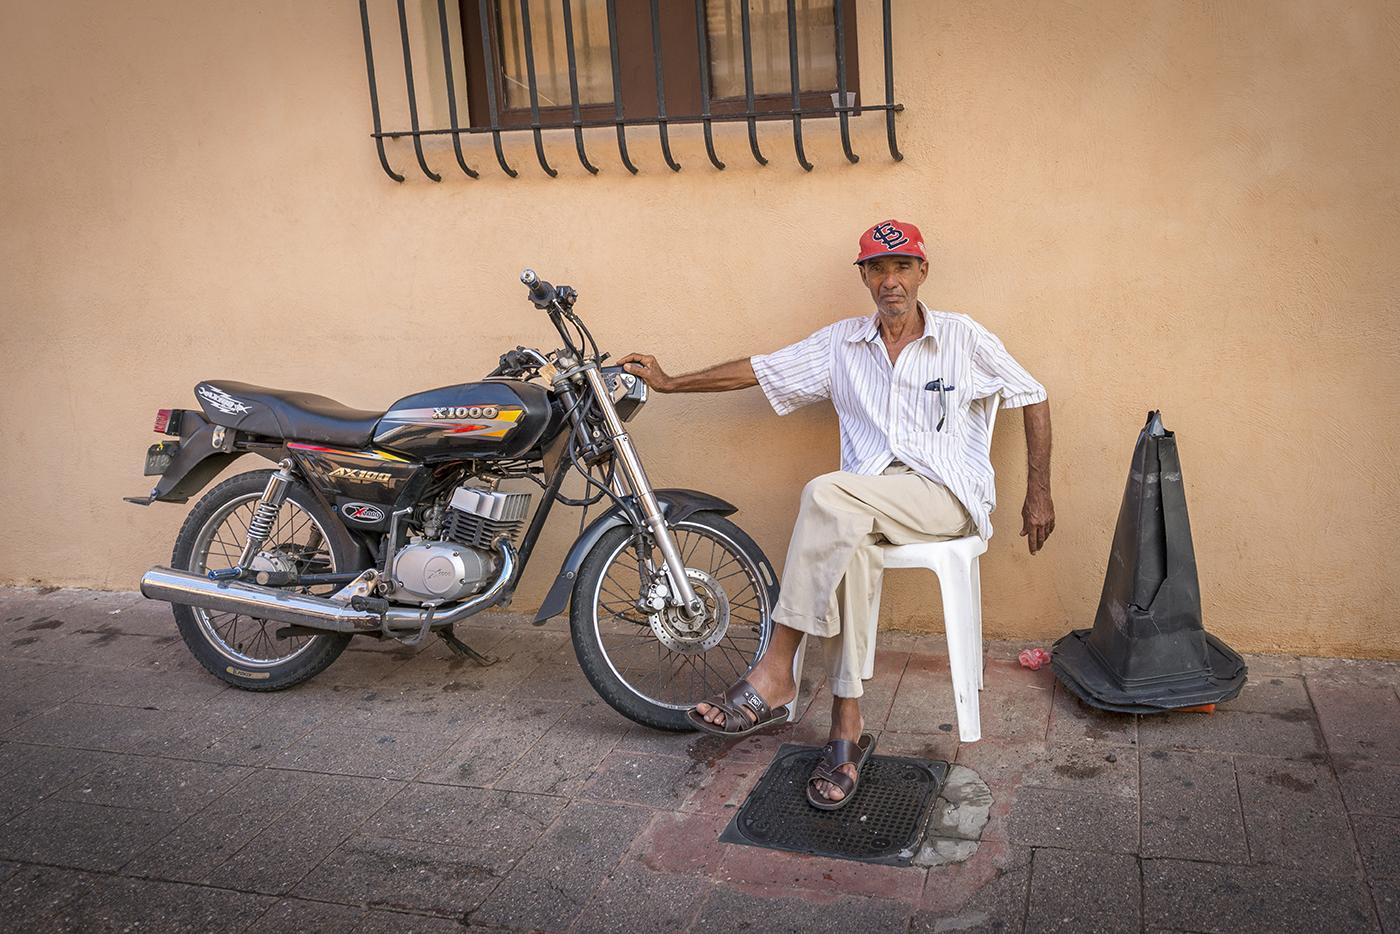 annamidday, анна миддэй, анна мидэй, достопримечательности доминиканы, доминиканская республика, Dominican Republic, новый год 2017 в доминикане, рай на земле, куда поехать на праздники 2017, фото доминиканы, доминиканца полезные советы, карибское море, карибы, самый красивый пляж, самое красивое море, куда поехать в ДОминикане, что посетить в Доминикане, ANEX Tour, Анекс тур, пресс-тур, яркие фото пляжа, заставки на рабочий стол, лучший пляж, Пунта-Кана, Санто-Доминго, Punta Cana, Santo Domingo, Barcelo Bavaro Palace Deluxe, отели Доминиканы, самые лучшие отели Доминиканы, Be Live Punta Cana, пляж Макао Доминикана, Macao beach Dominicana, пещеры Лос-Трес-Охос, пещеры Три глаза, Баваро, Bavaro, рассветы в Доминиканы, закаты в Доминикане, самые красивые рассветы, самые красивые закаты, Barcelo Punta Cana, маяк Колумба, Bavaro Adventure Park, полет на зиплайне, zip line, baggi, поездка на багги, доминикана парк приключений, доминикана пейнтбол, доминикана зорбинг, шоу Coco Bongo, плавание с дельфинами в Доминикане, дельфины, поплавать с дельфинами, mansays, мэнсэйс, man says, travel blogger, русский блогер, топовый русский блогер, известный блогер, топовый блогер, russian bloger, top russian blogger, russian travel blogger, российский блогер, ТОП блогер, популярный блогер, трэвэл блогер, мужской взгляд, мужской блог, men's blog, men blog, top men blog, top men's blog, мужчины блогеры, путешественник, архитектор-блогер, блог архитектора